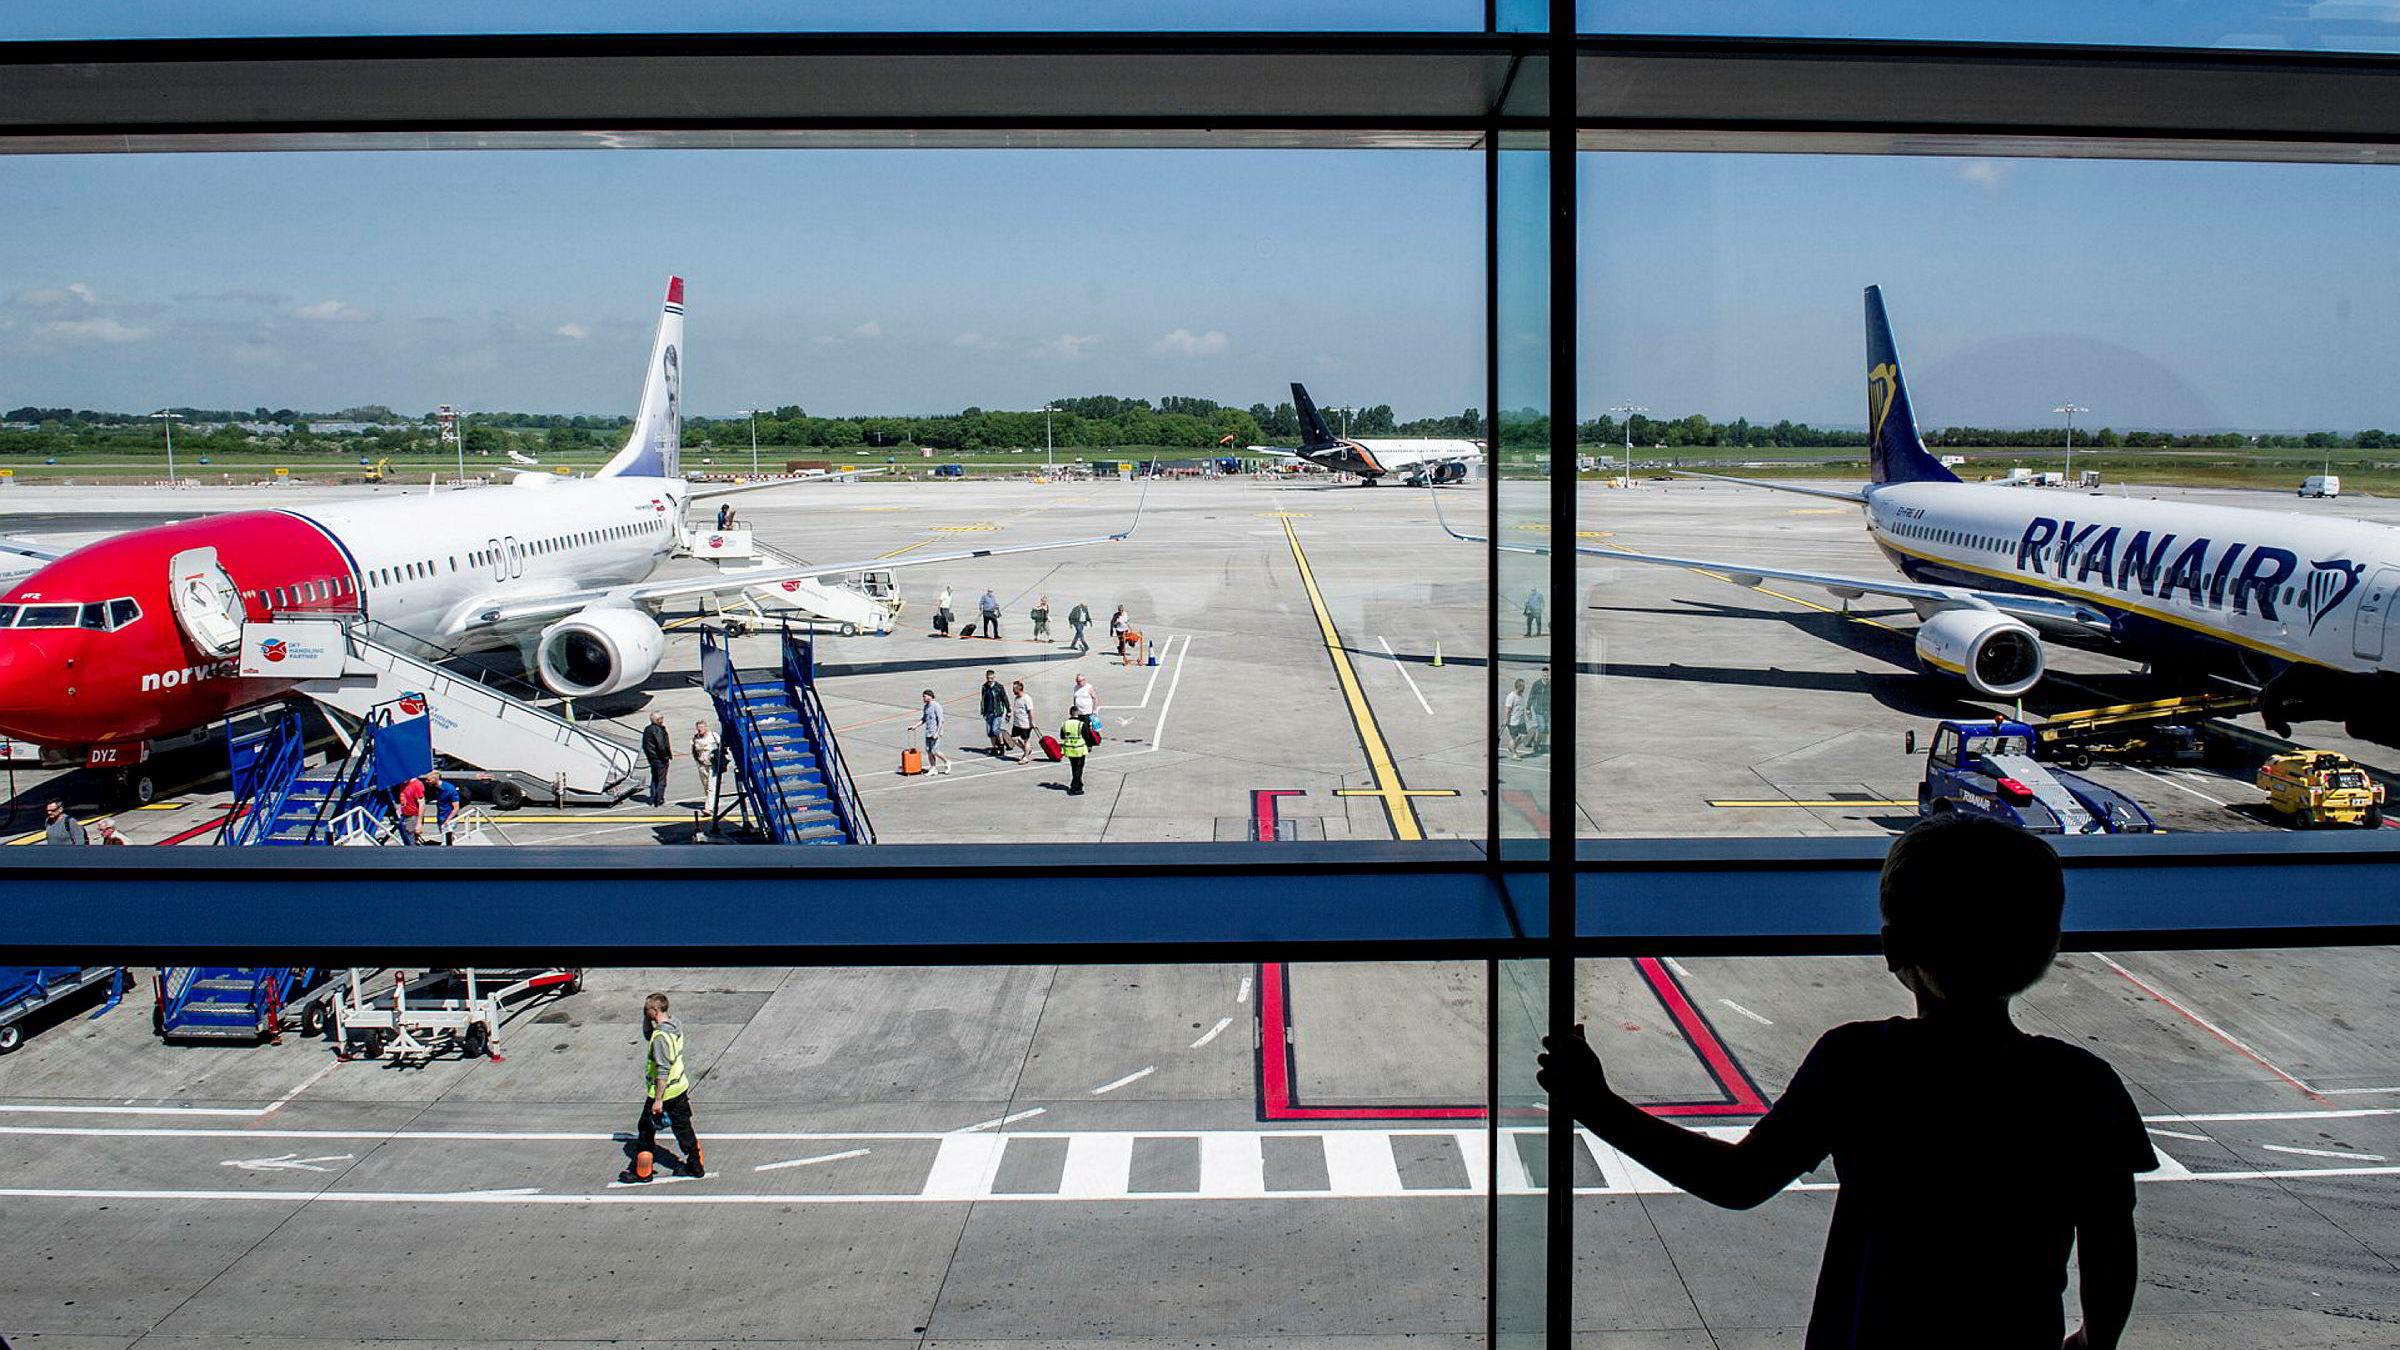 Irske Ryanair og Norwegian har på hver sin måte vært pionerer blant lavprisselskapene i Europa. For snart syv år siden var Norwegian først med å tilby mange flyvninger til andre kontinenter og det har skapt et helt nytt marked. Her fra flyplassen i Dublin.